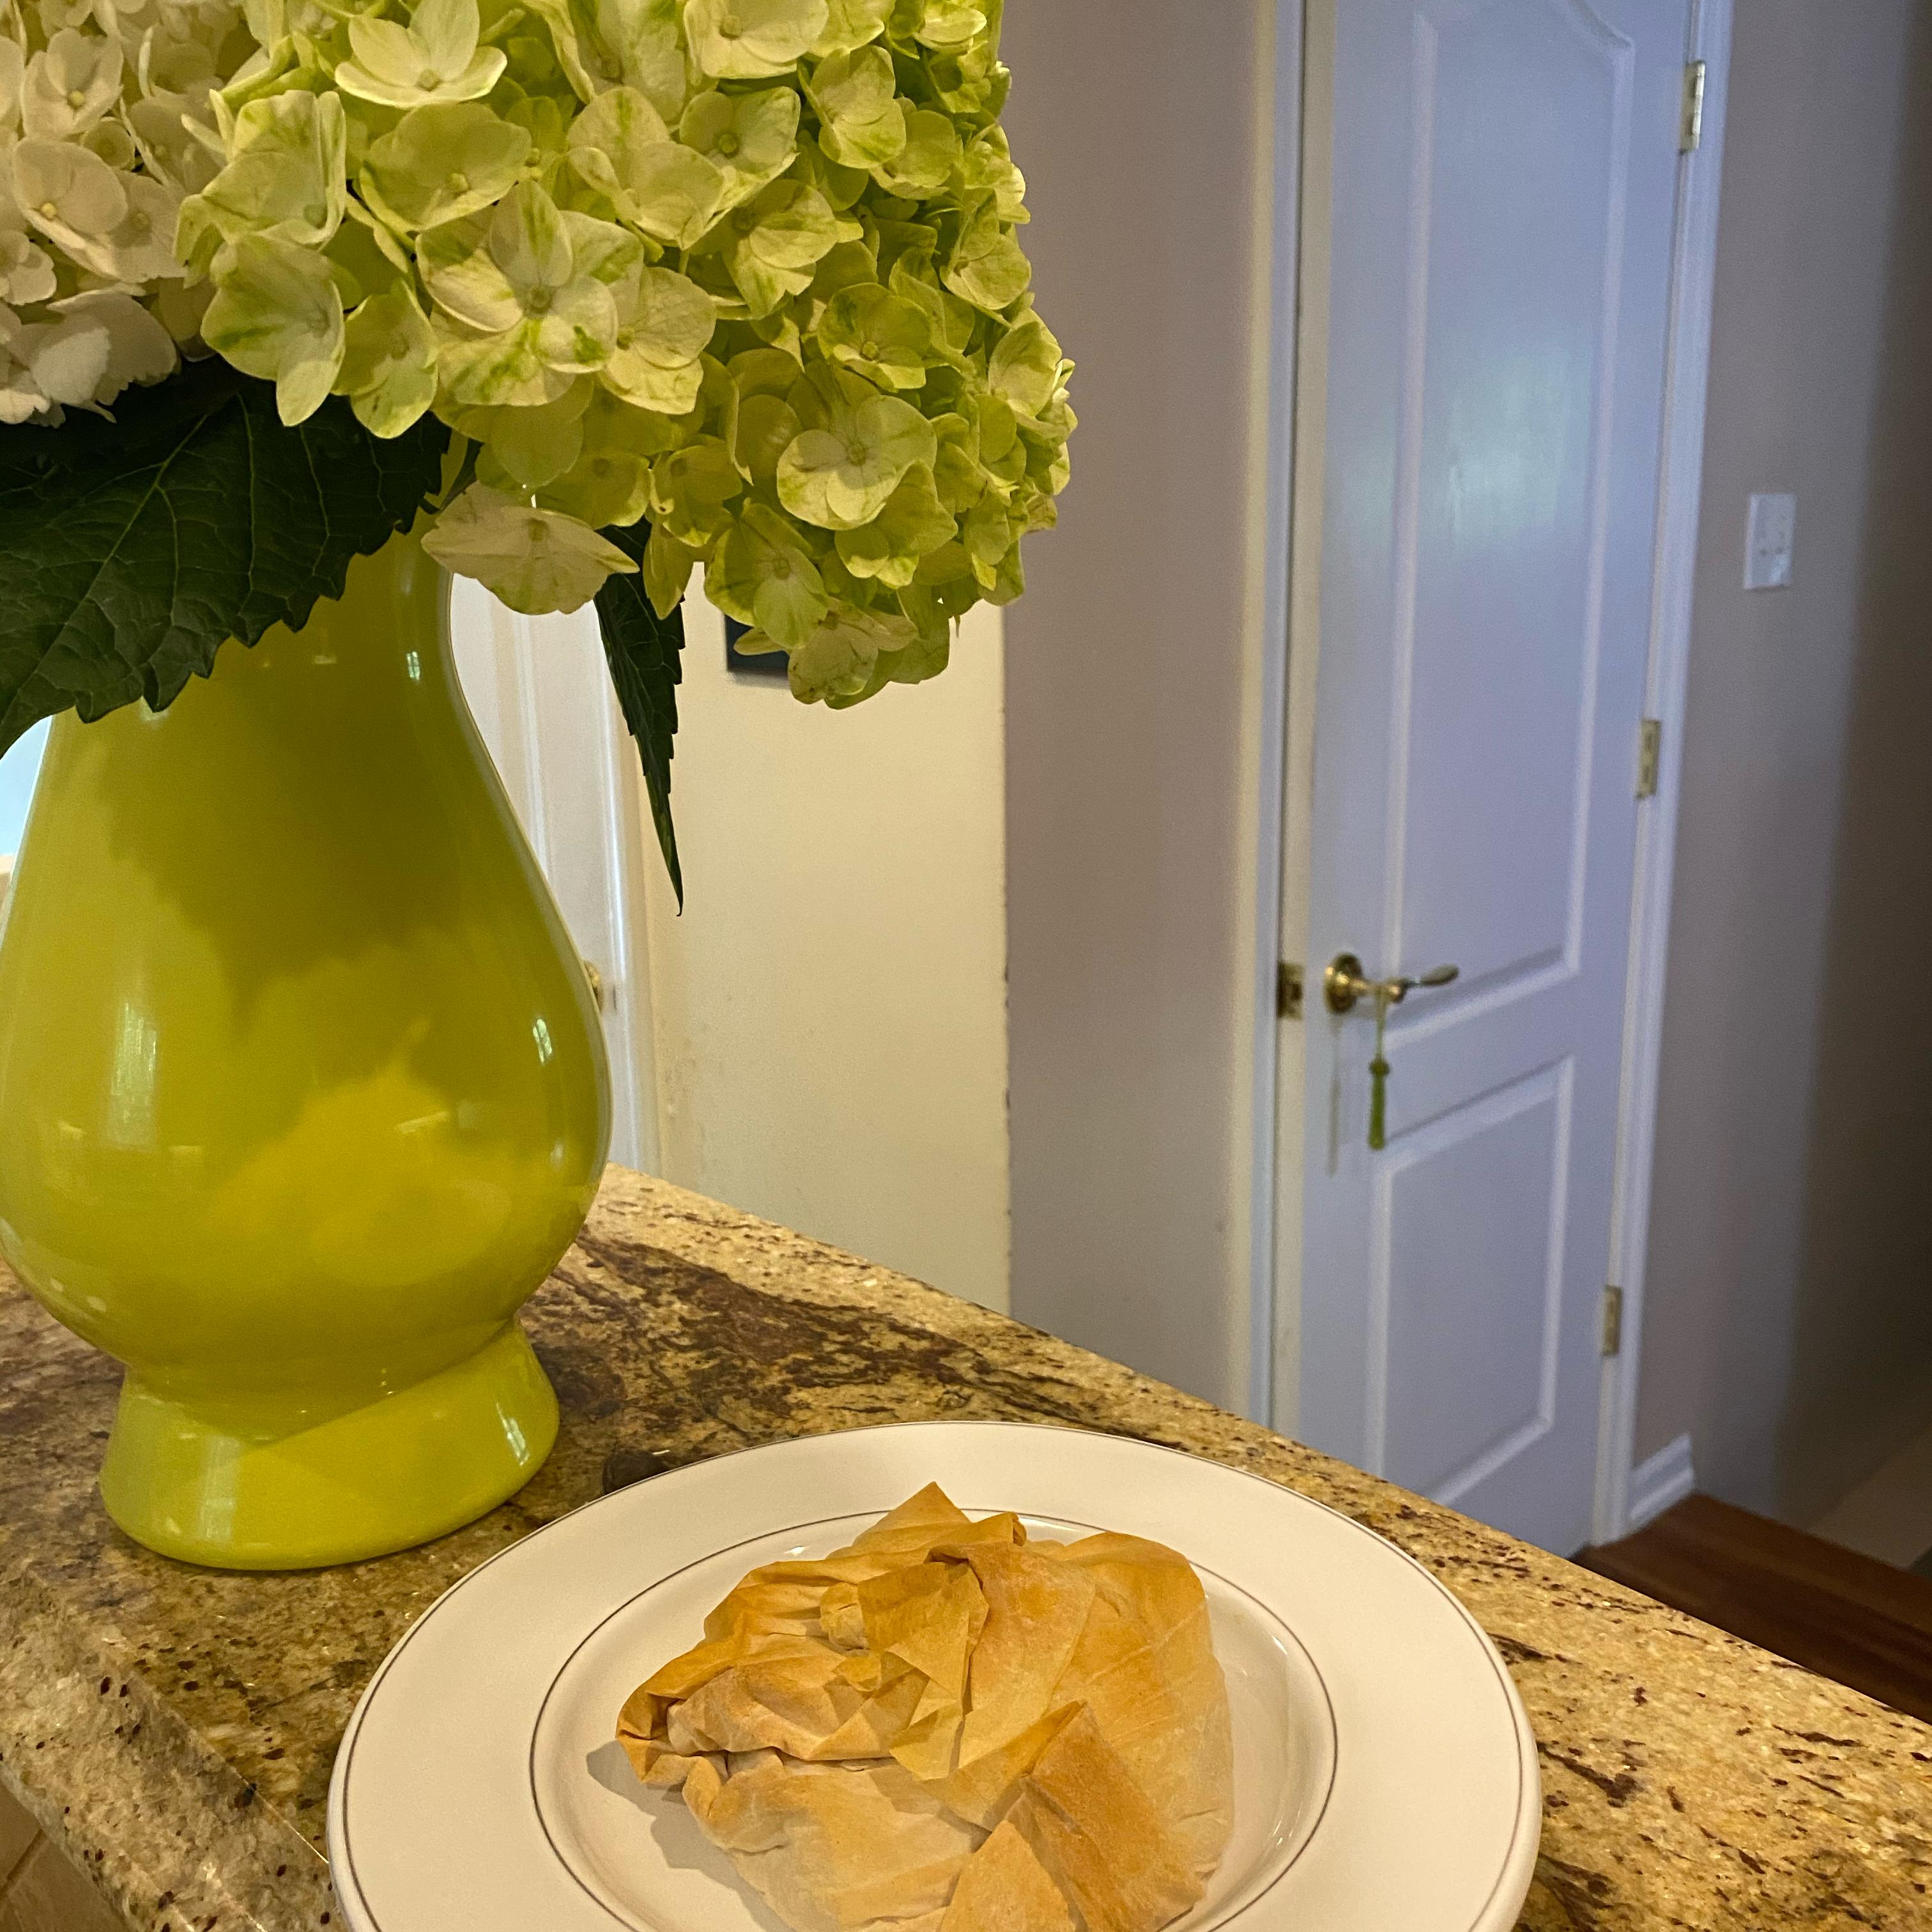 Baked Chicken Empanadas with Hatch Chile Yancando